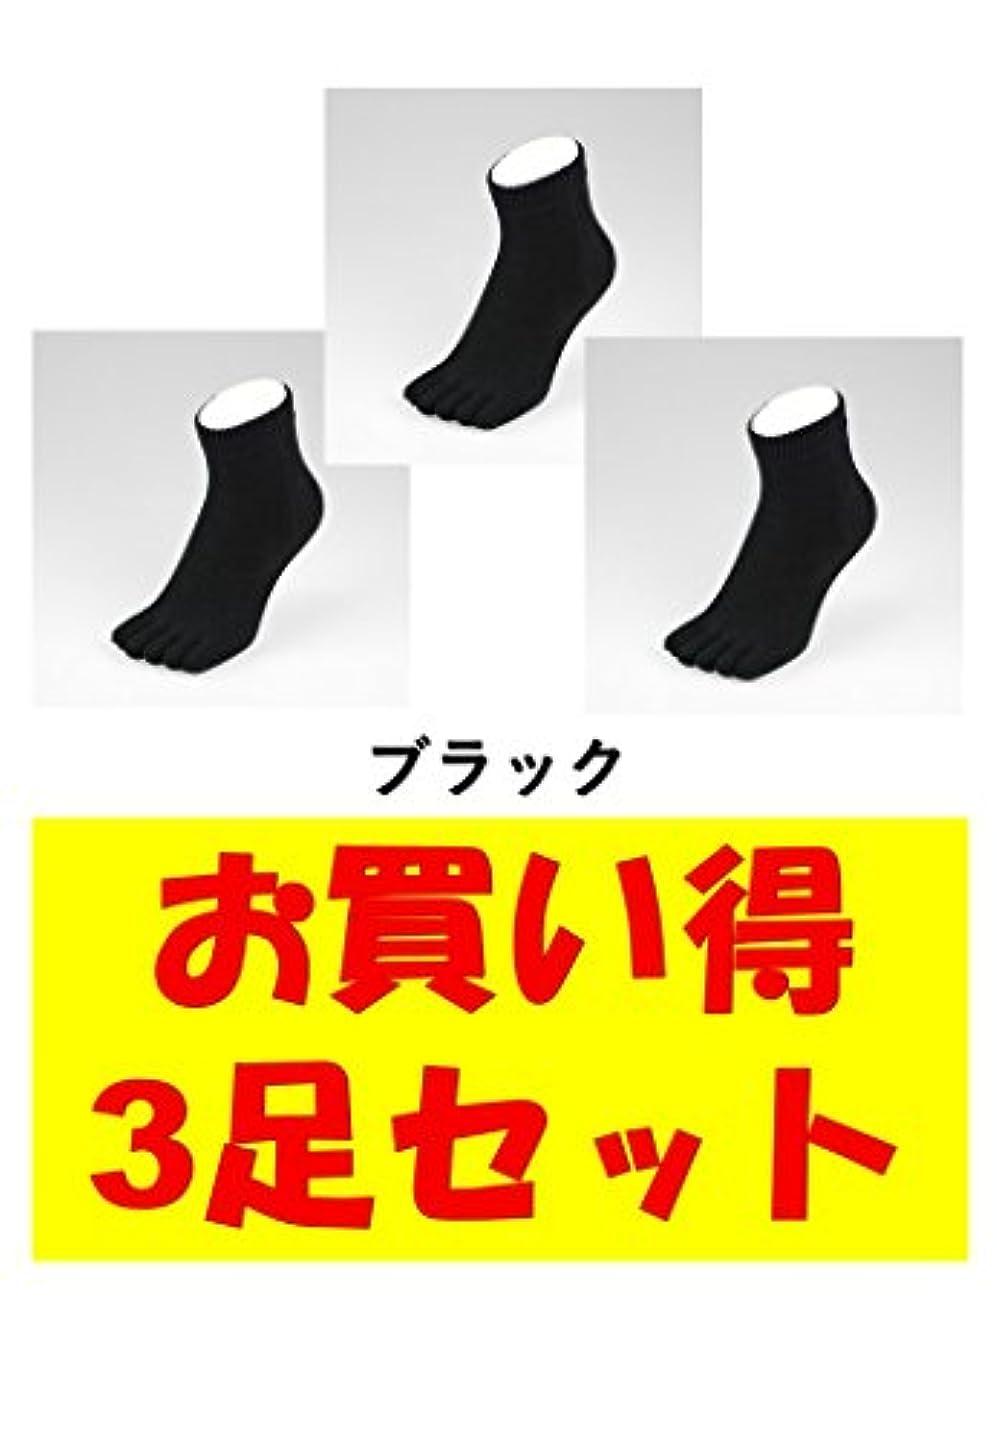 貞まとめる研磨お買い得3足セット 5本指 ゆびのばソックス Neo EVE(イヴ) ブラック Sサイズ(21.0cm - 24.0cm) YSNEVE-BLK